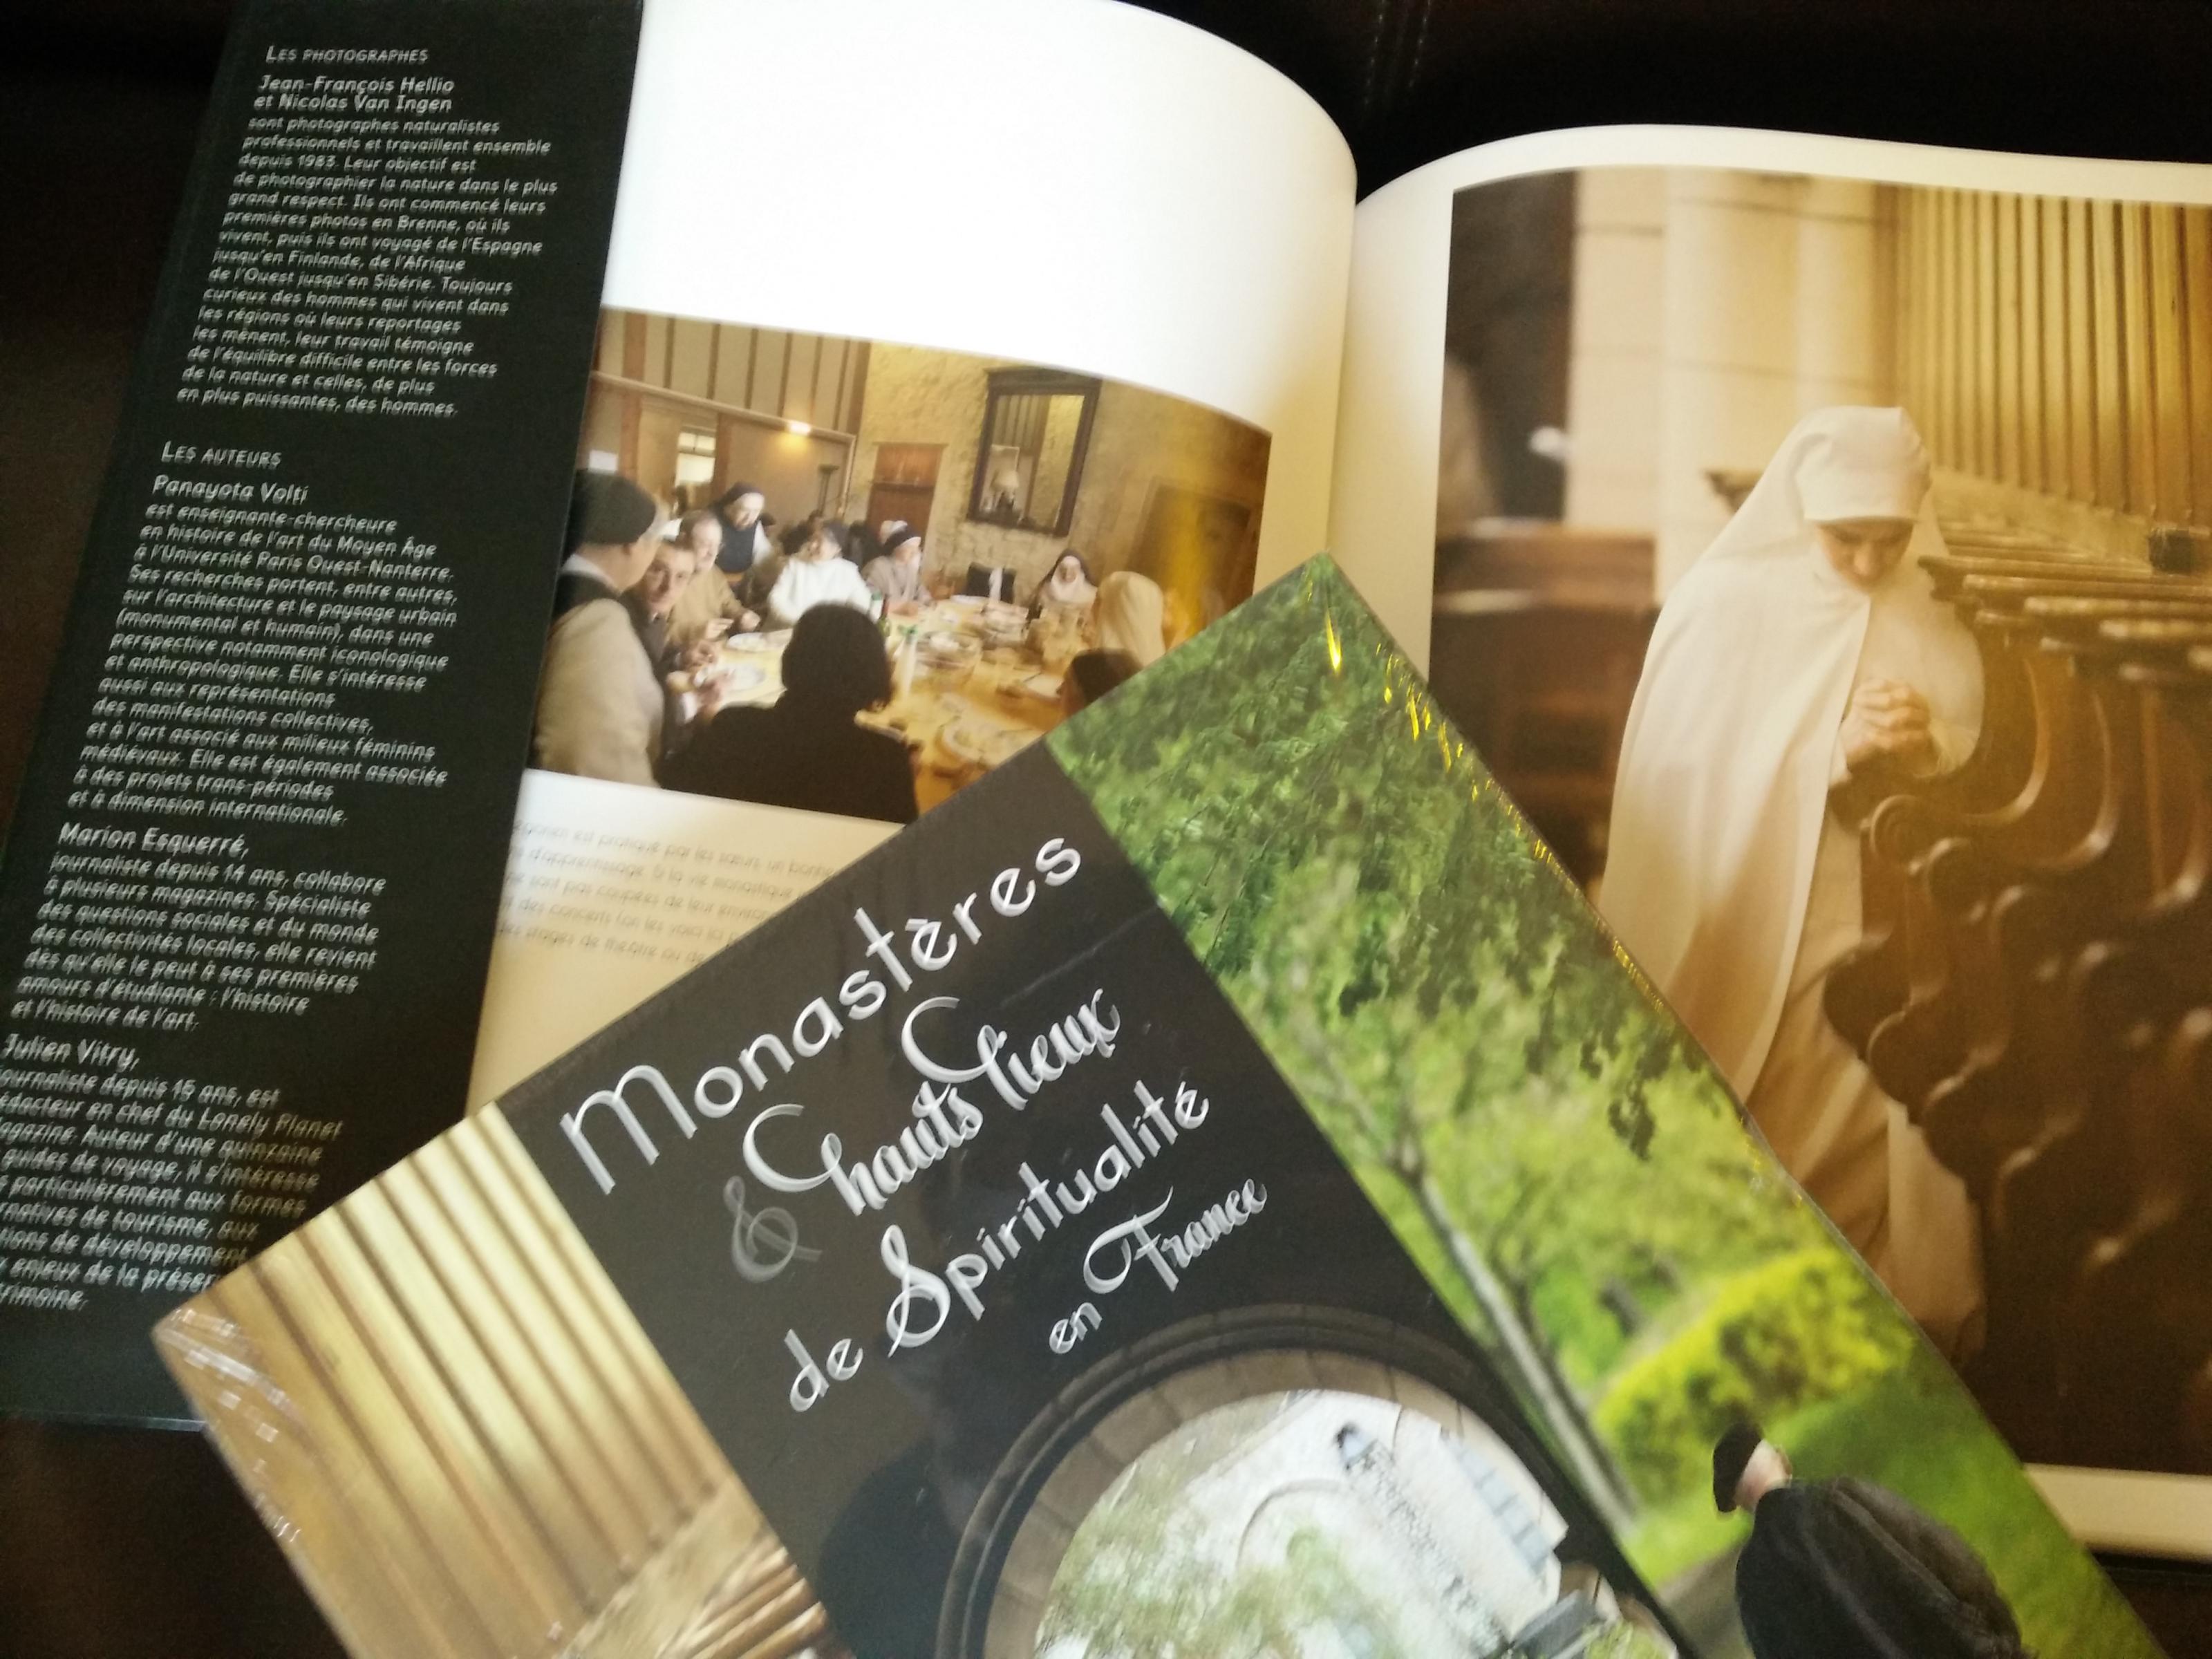 Monastères et hauts lieux de spiritualité en France